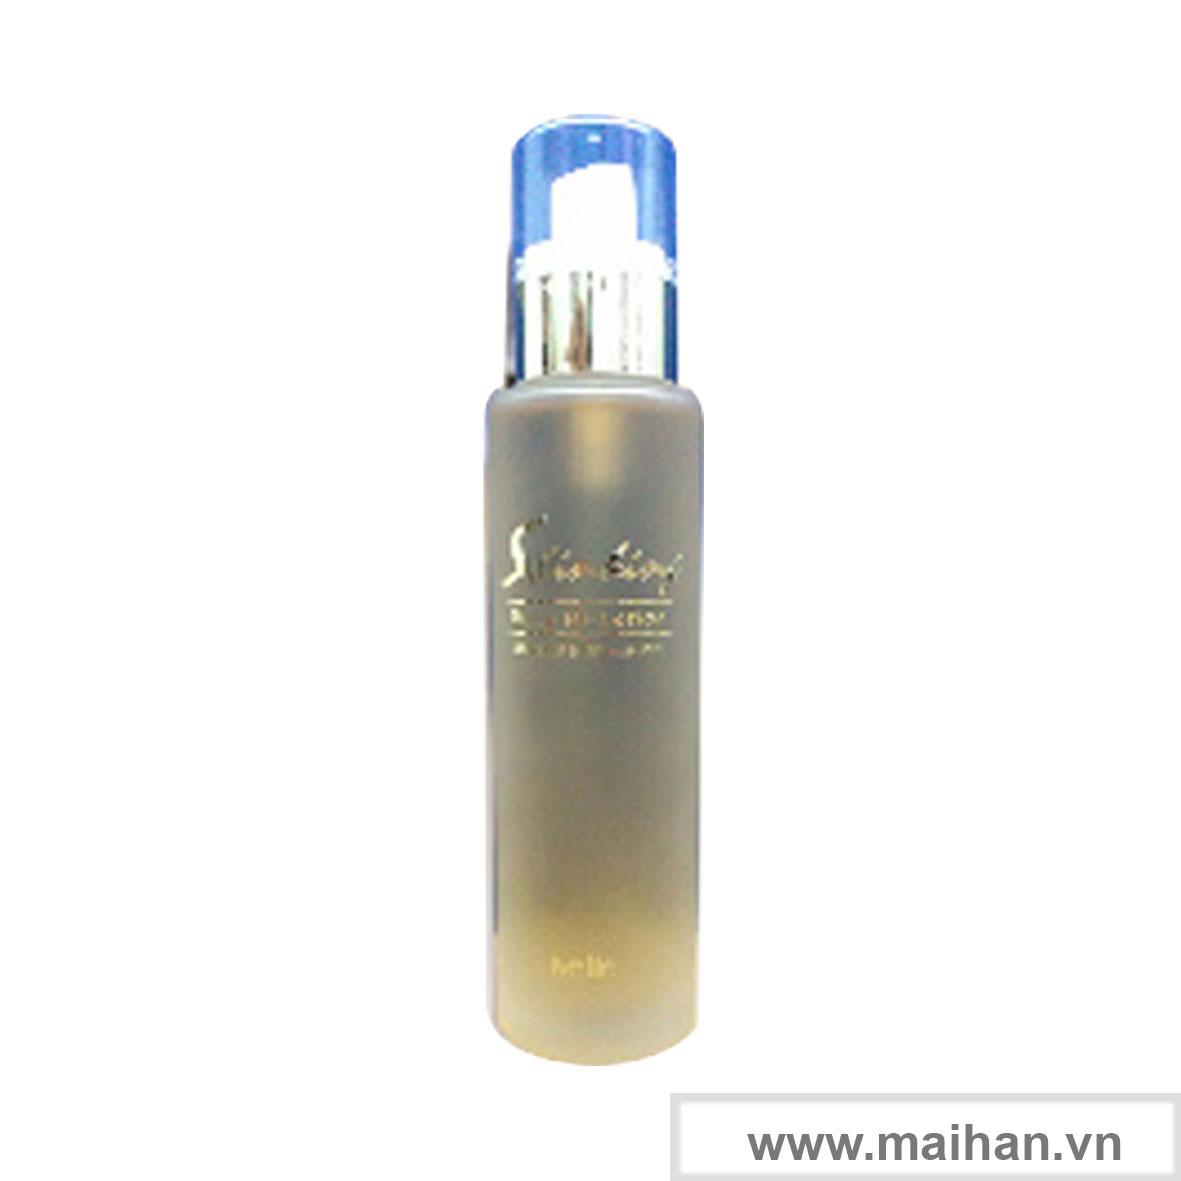 Nước dưỡng ẩm Shinbing Daily Hi-Lotion